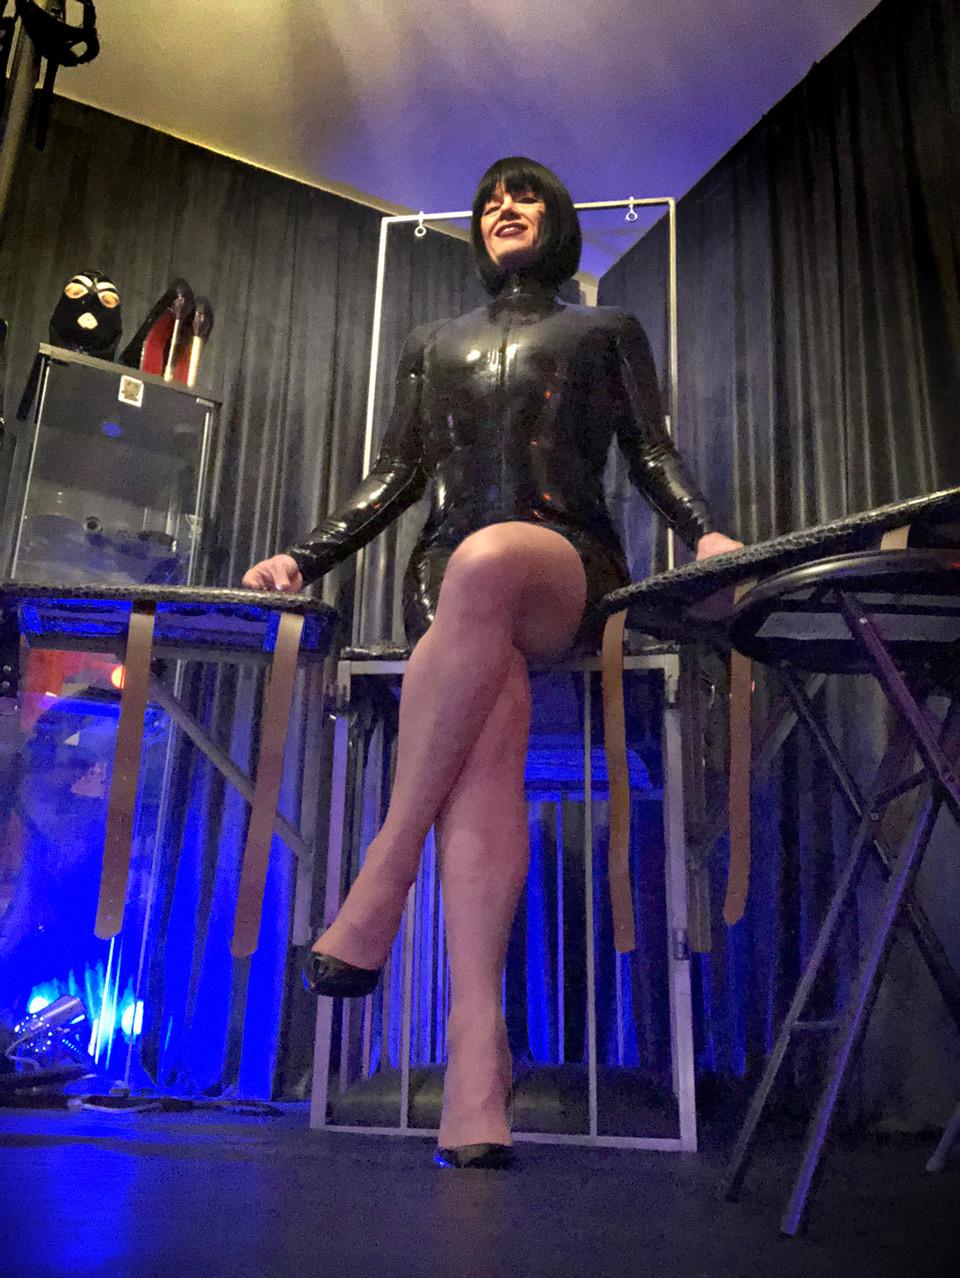 Mistress mia